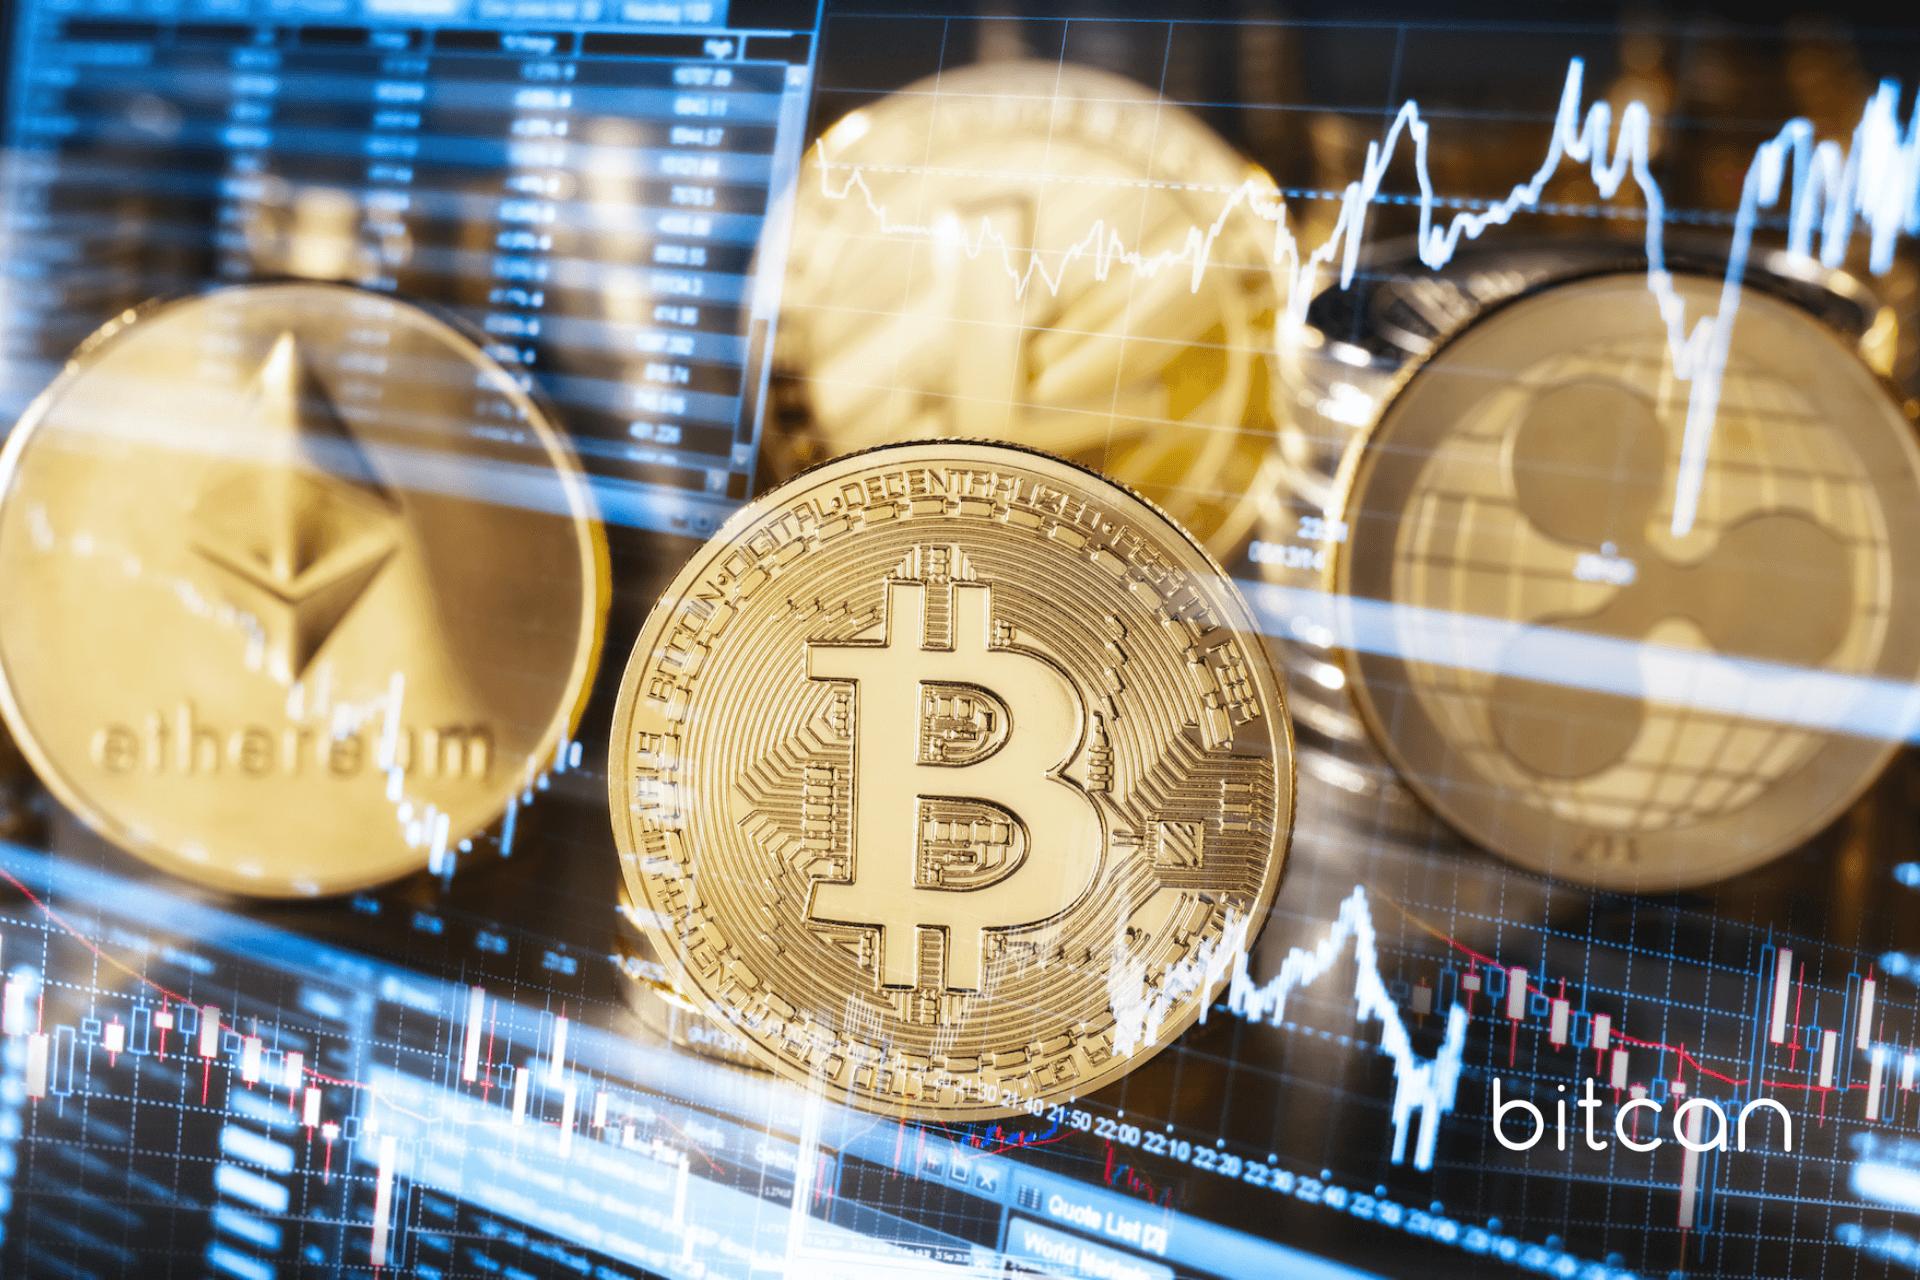 Kryptowalutowa gra o tron, czyli altcoiny, które mogą w przyszłości zastąpić bitcoina